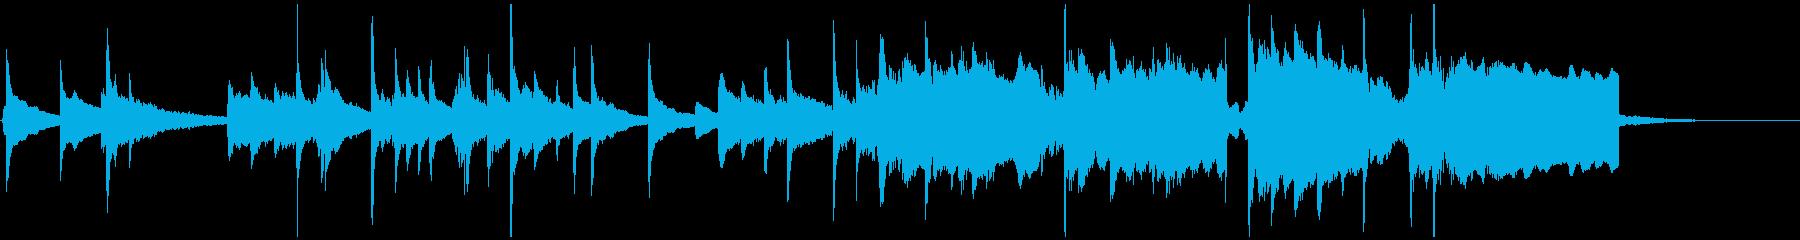 琴・尺八の和風BGMの再生済みの波形